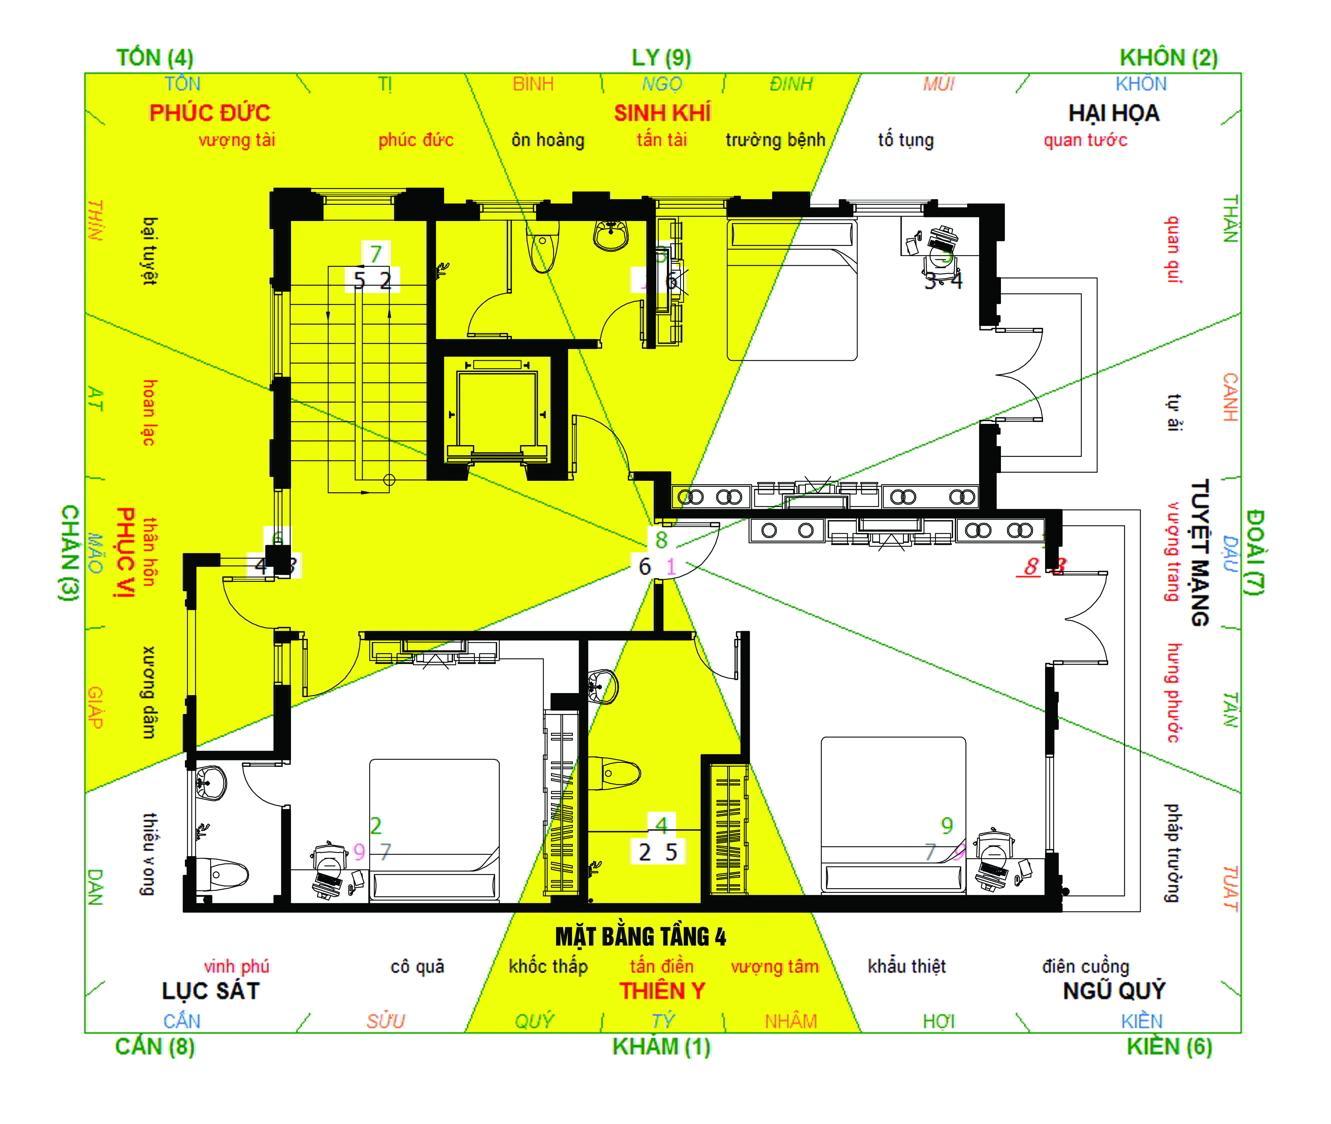 Thiết kế kiến trúc theo phong thủy